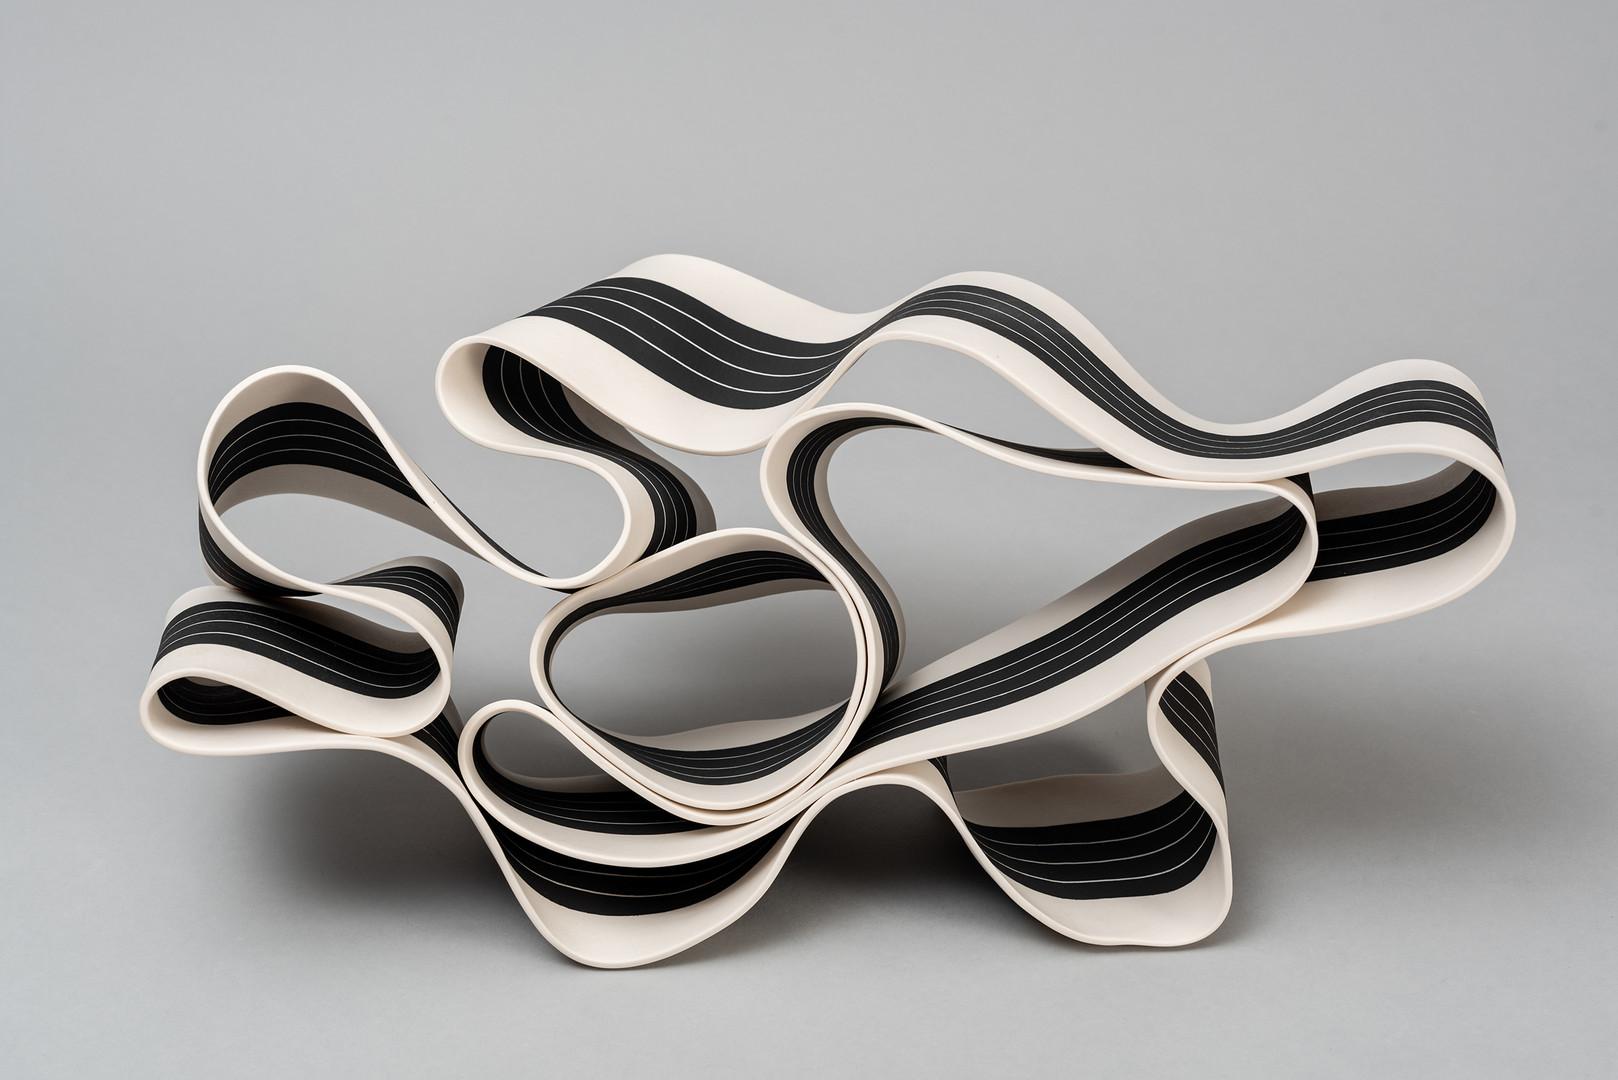 Folding in Motion #2